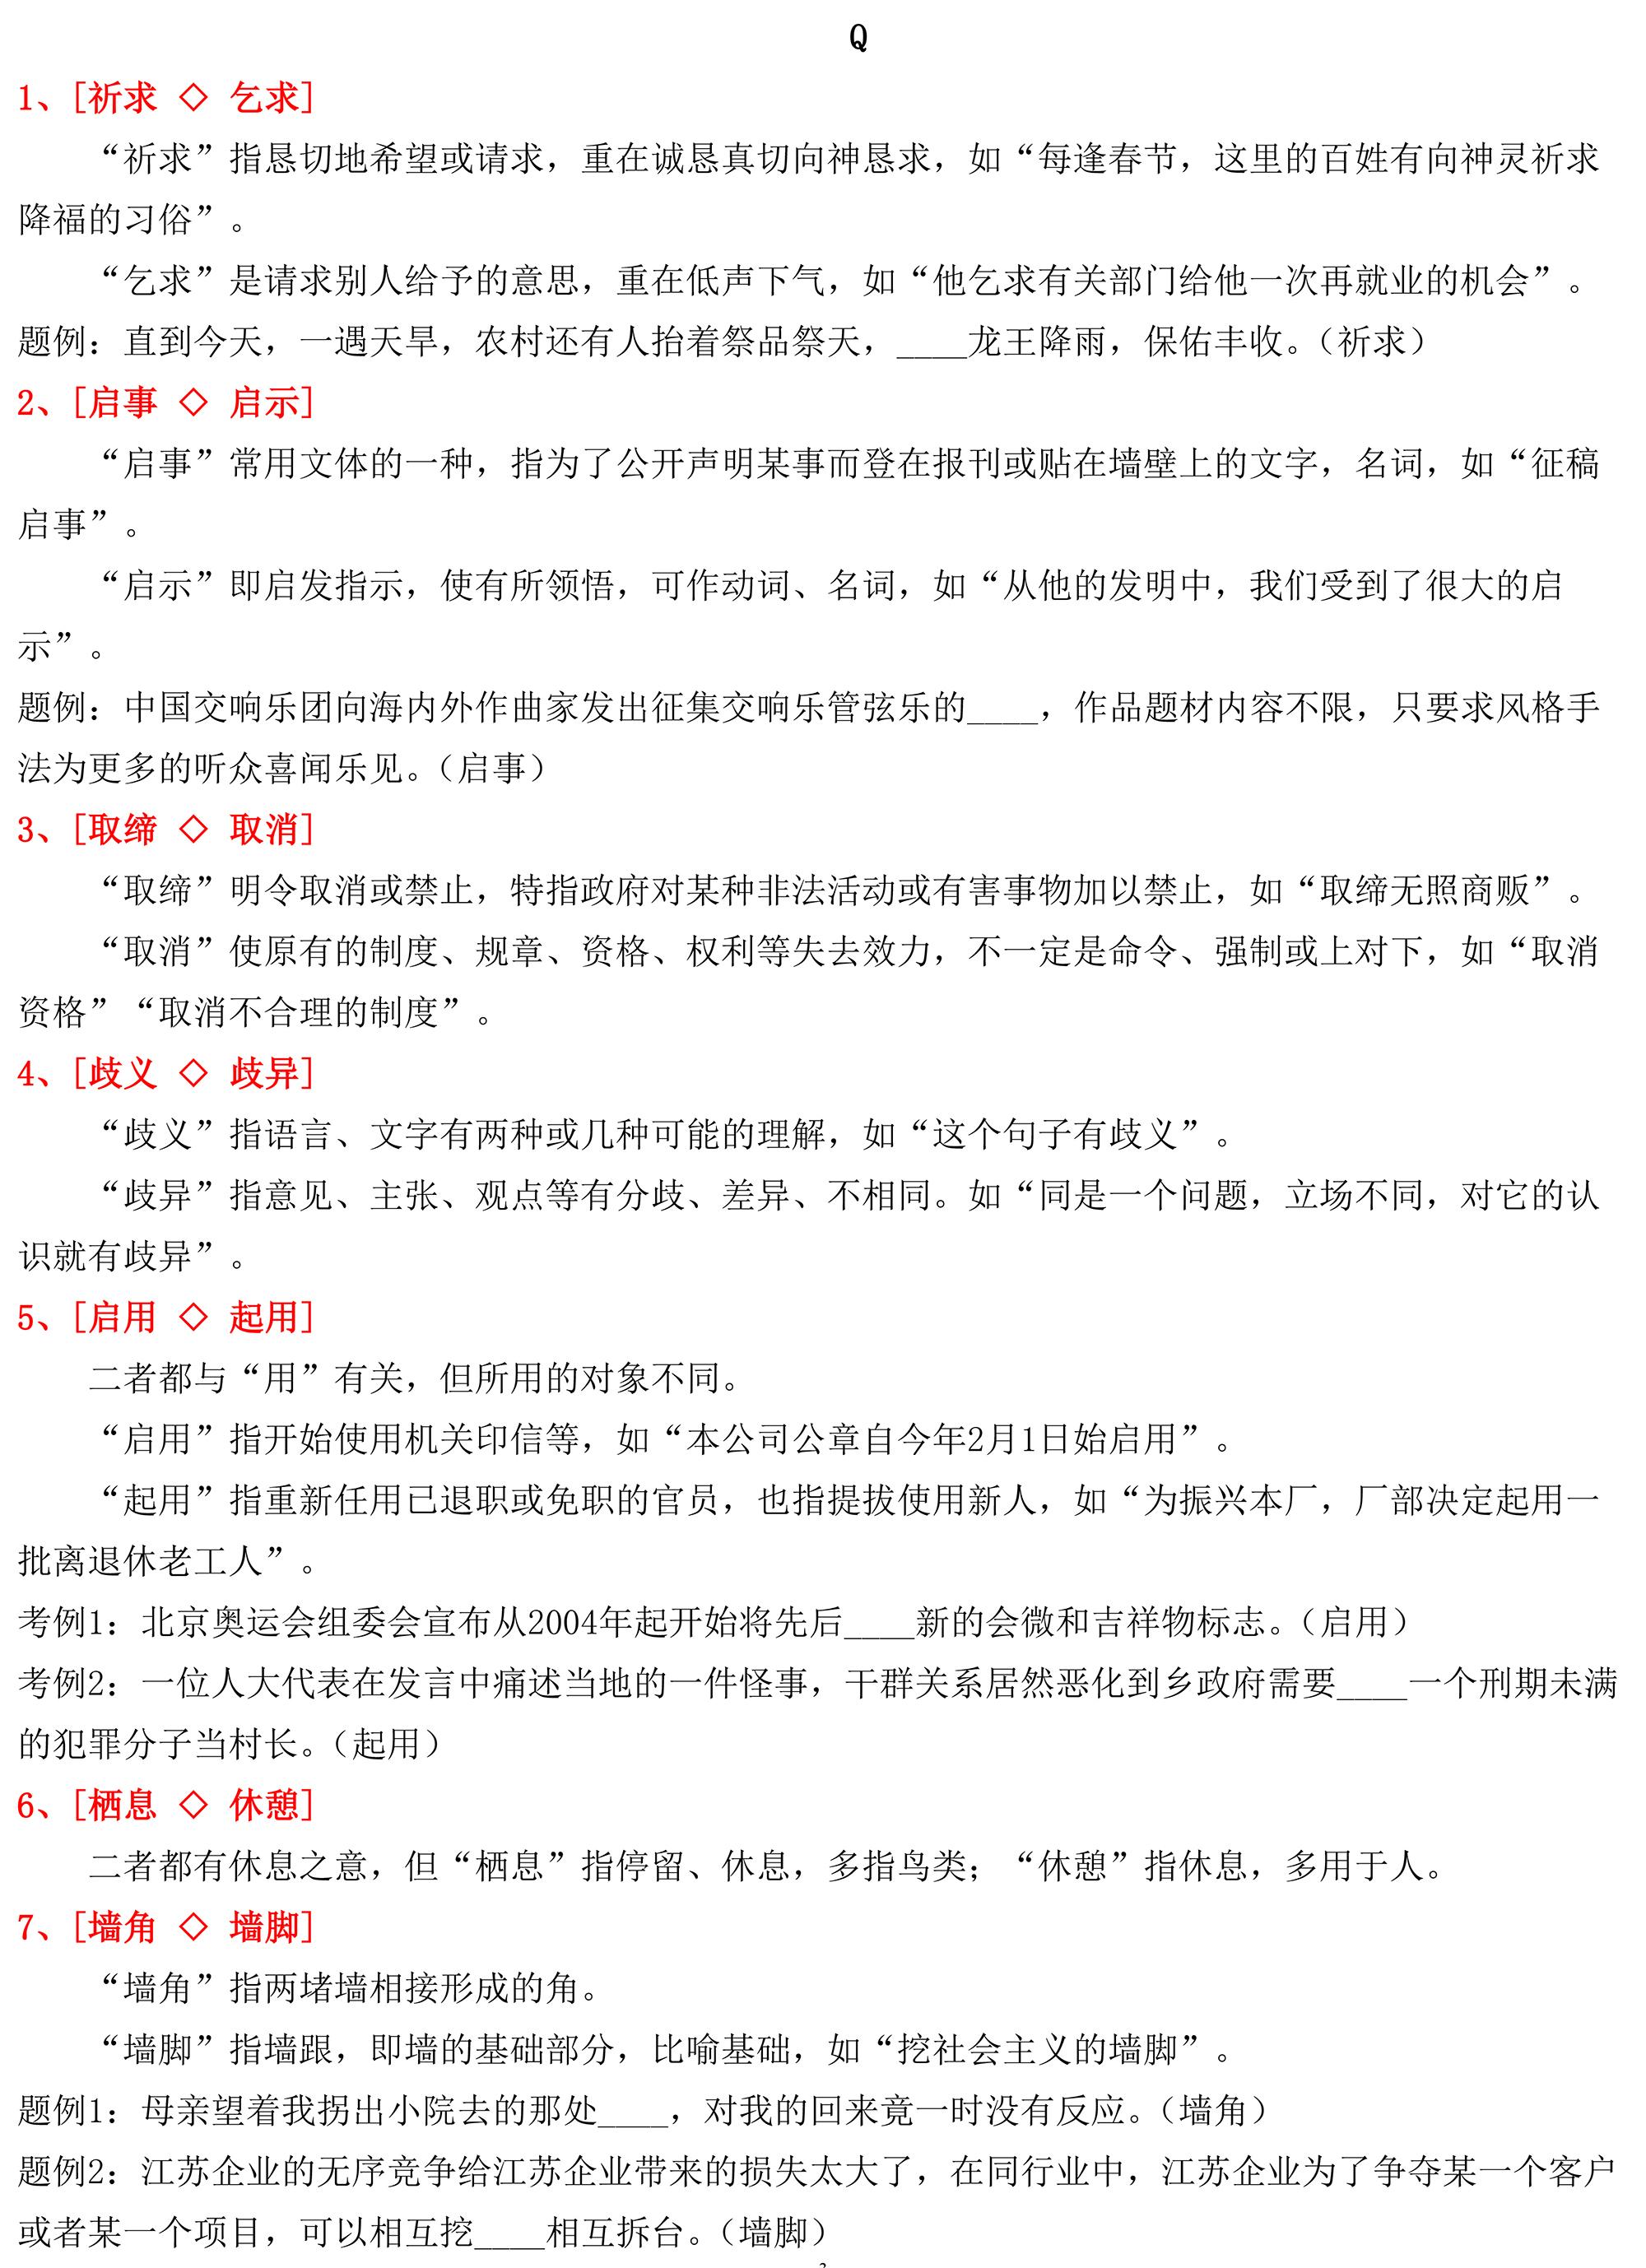 2-3:易混淆辨析 - 实词 - 打印版(O-T)-3.jpg